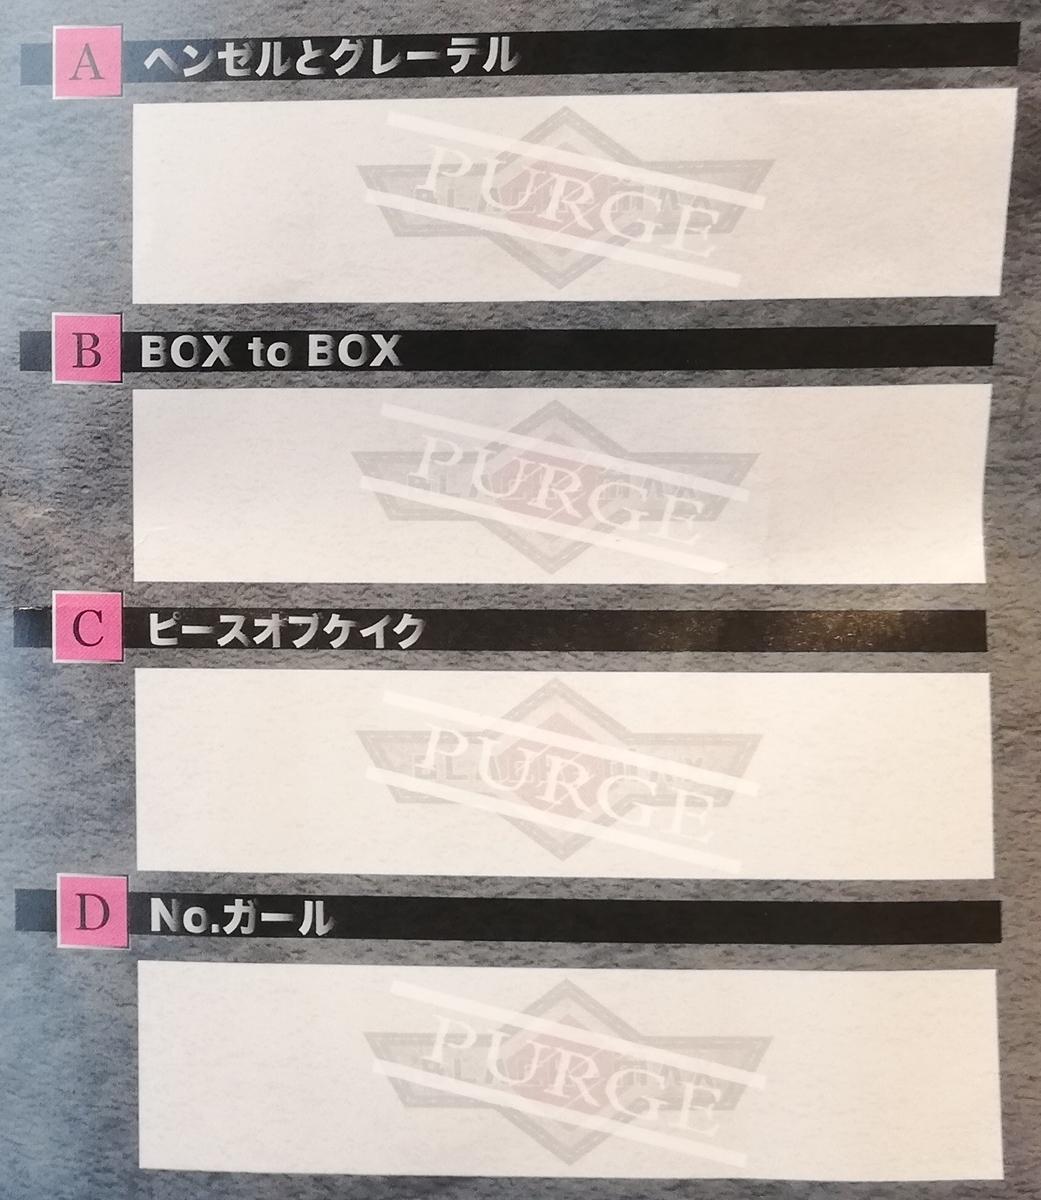 f:id:Tokyo-amuse:20200329193146j:plain